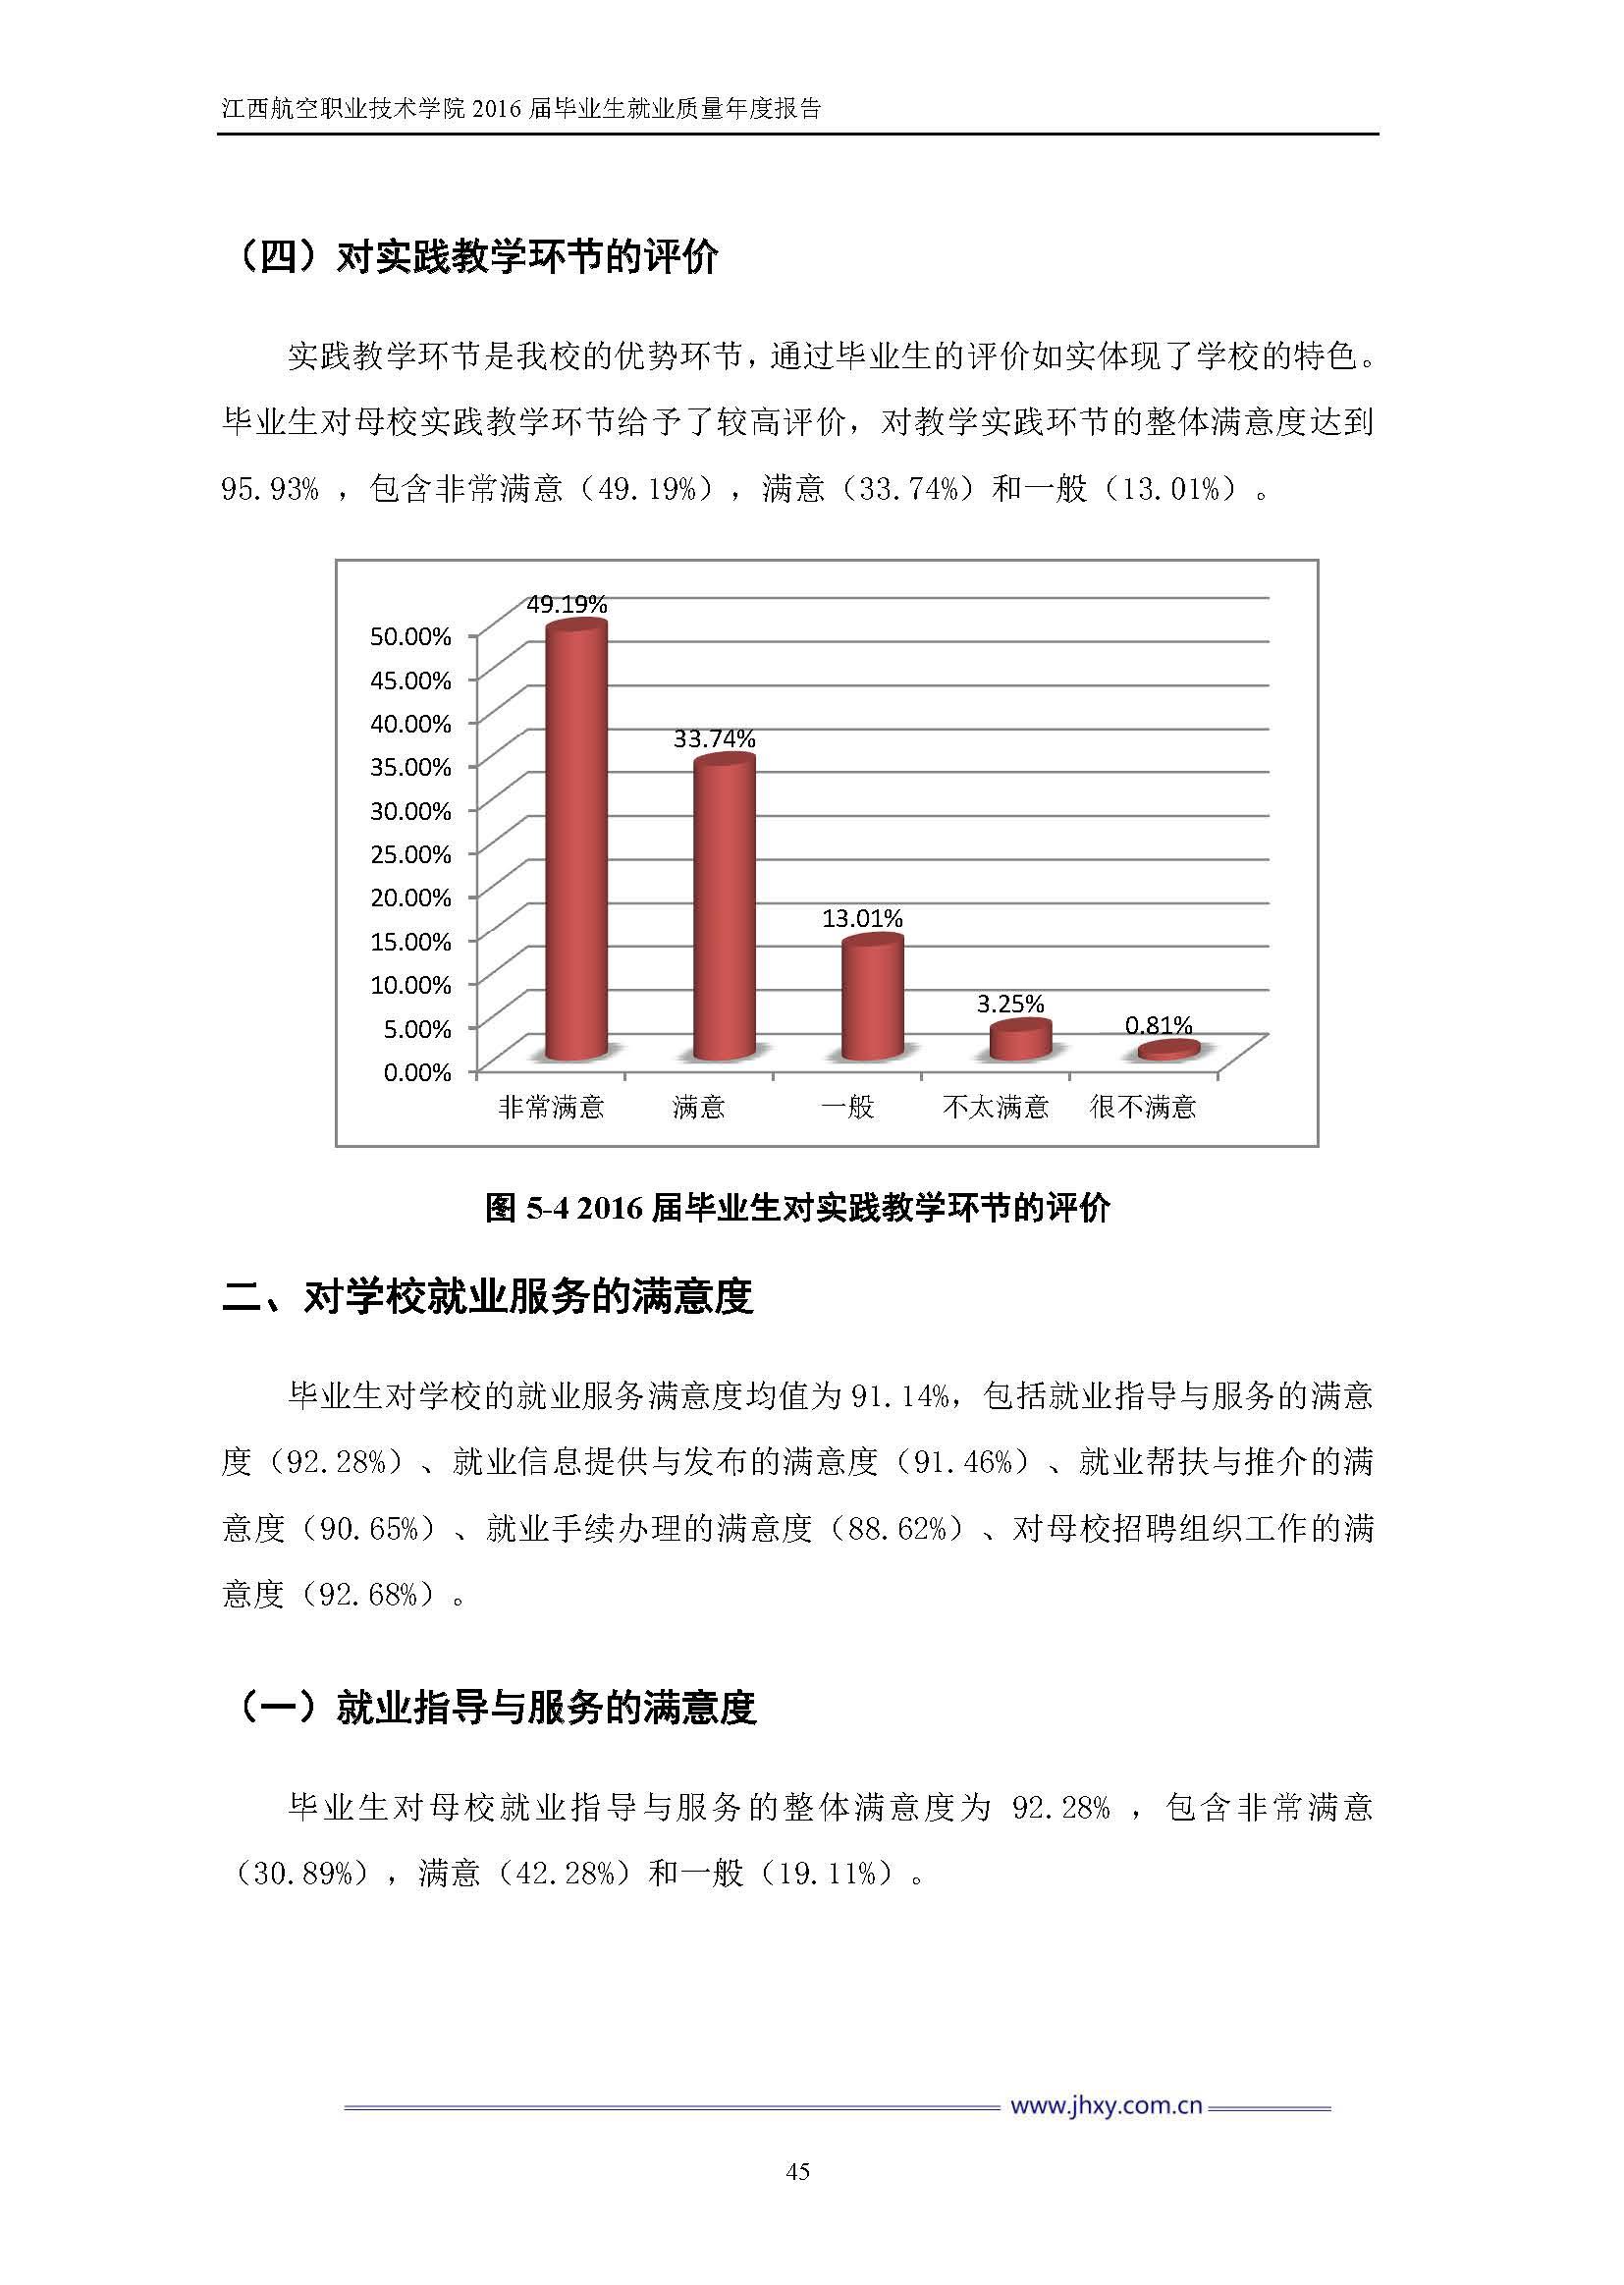 江西航空职业技术学院2016届毕业生就业质量年度报告_Page_52.jpg